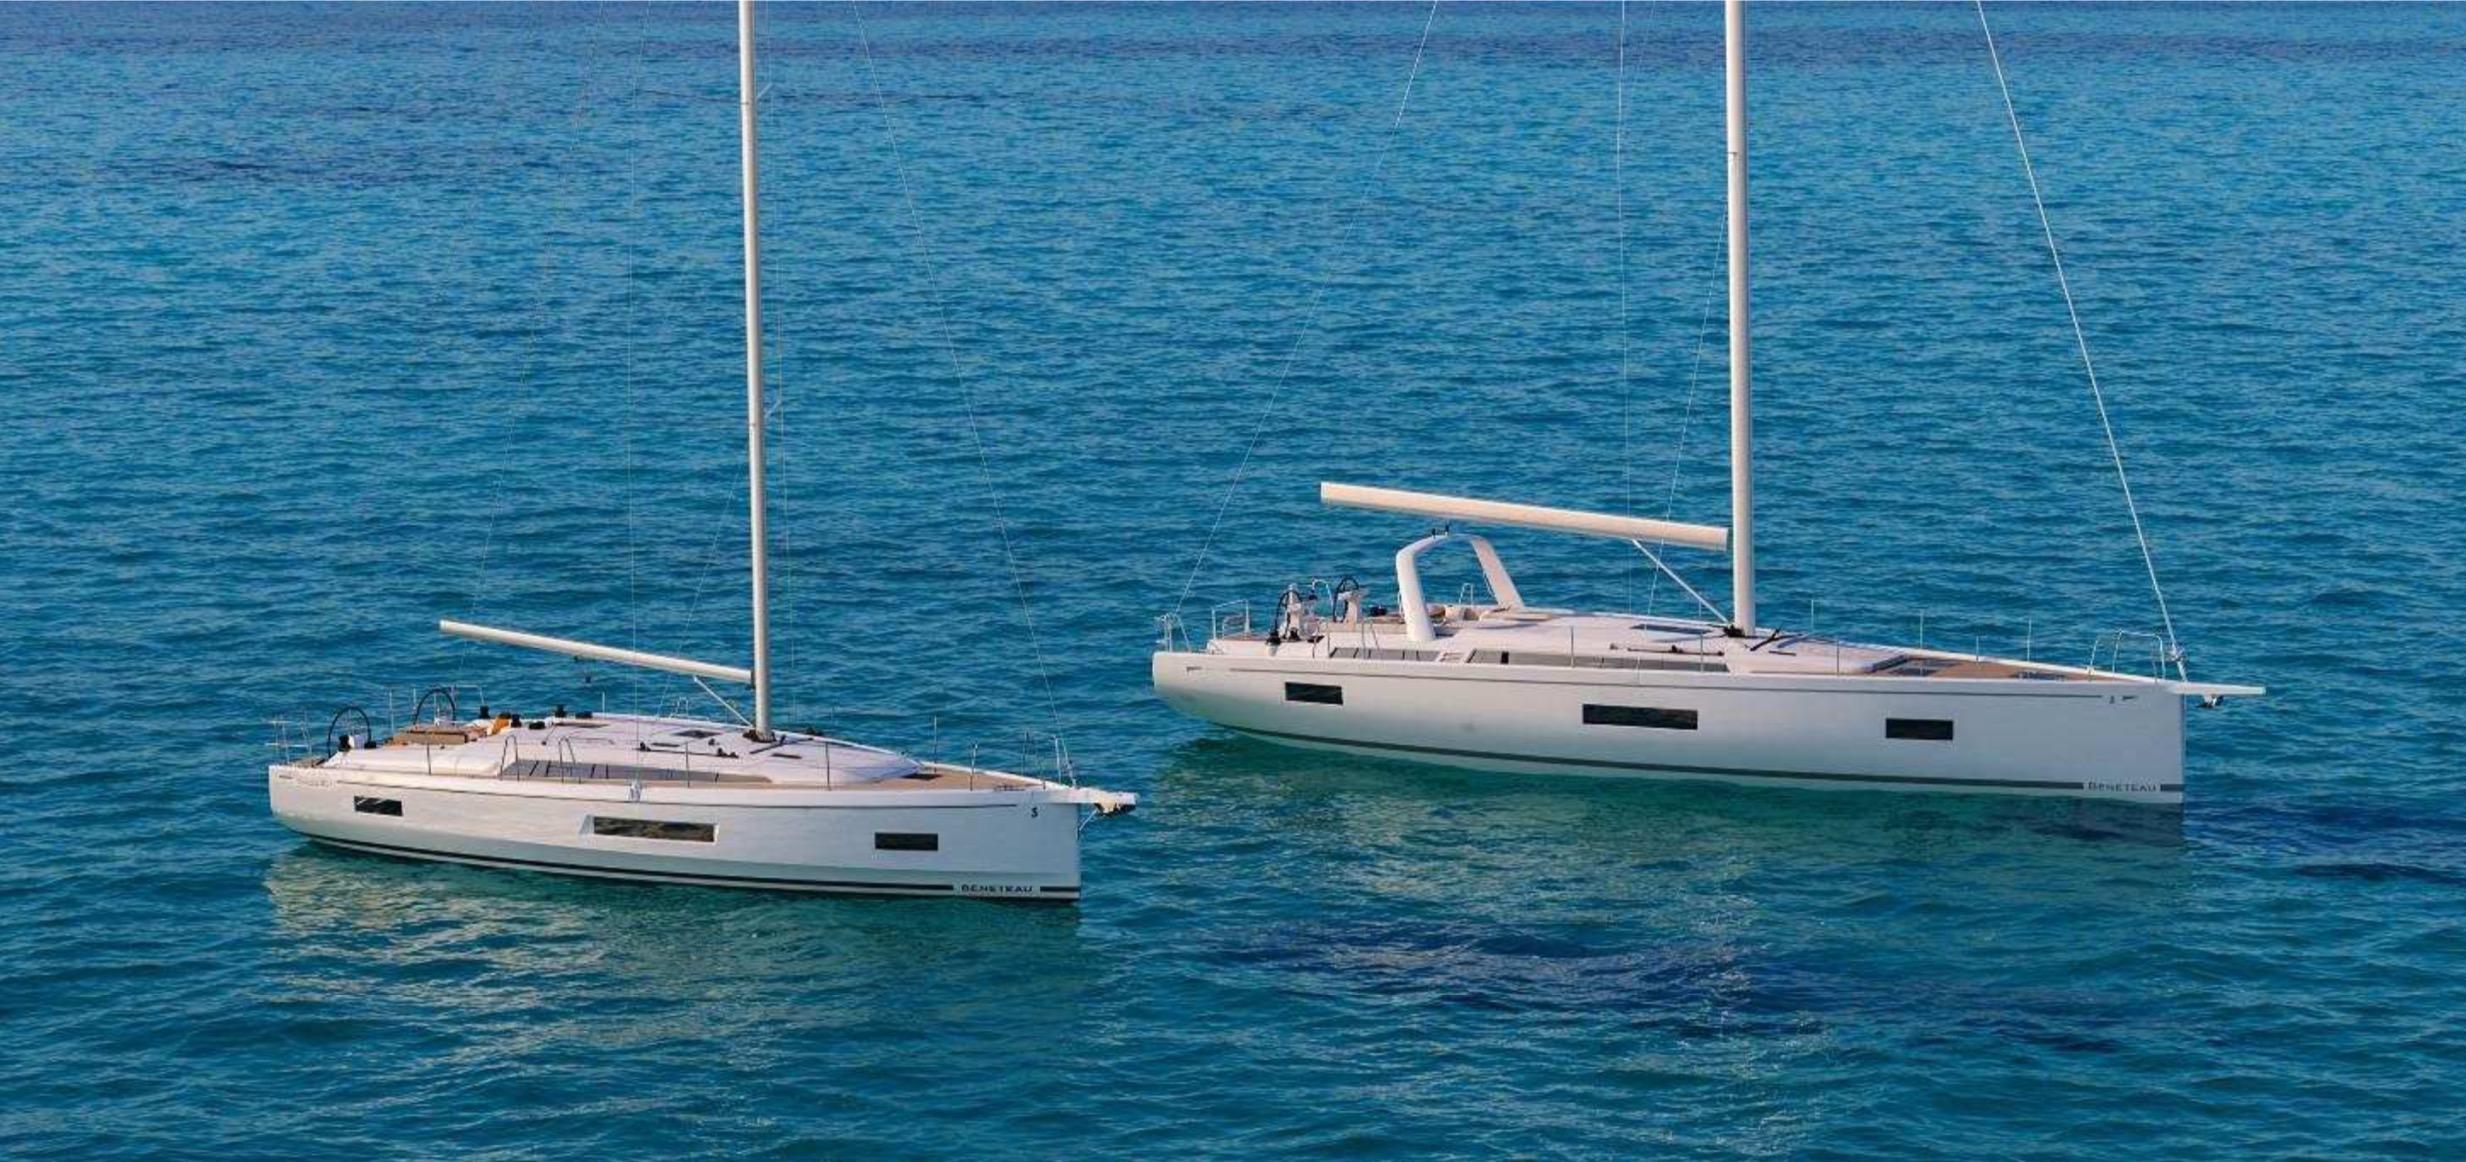 Introducing, the Bénéteau Oceanis 40.1 and Oceanis Yacht 54